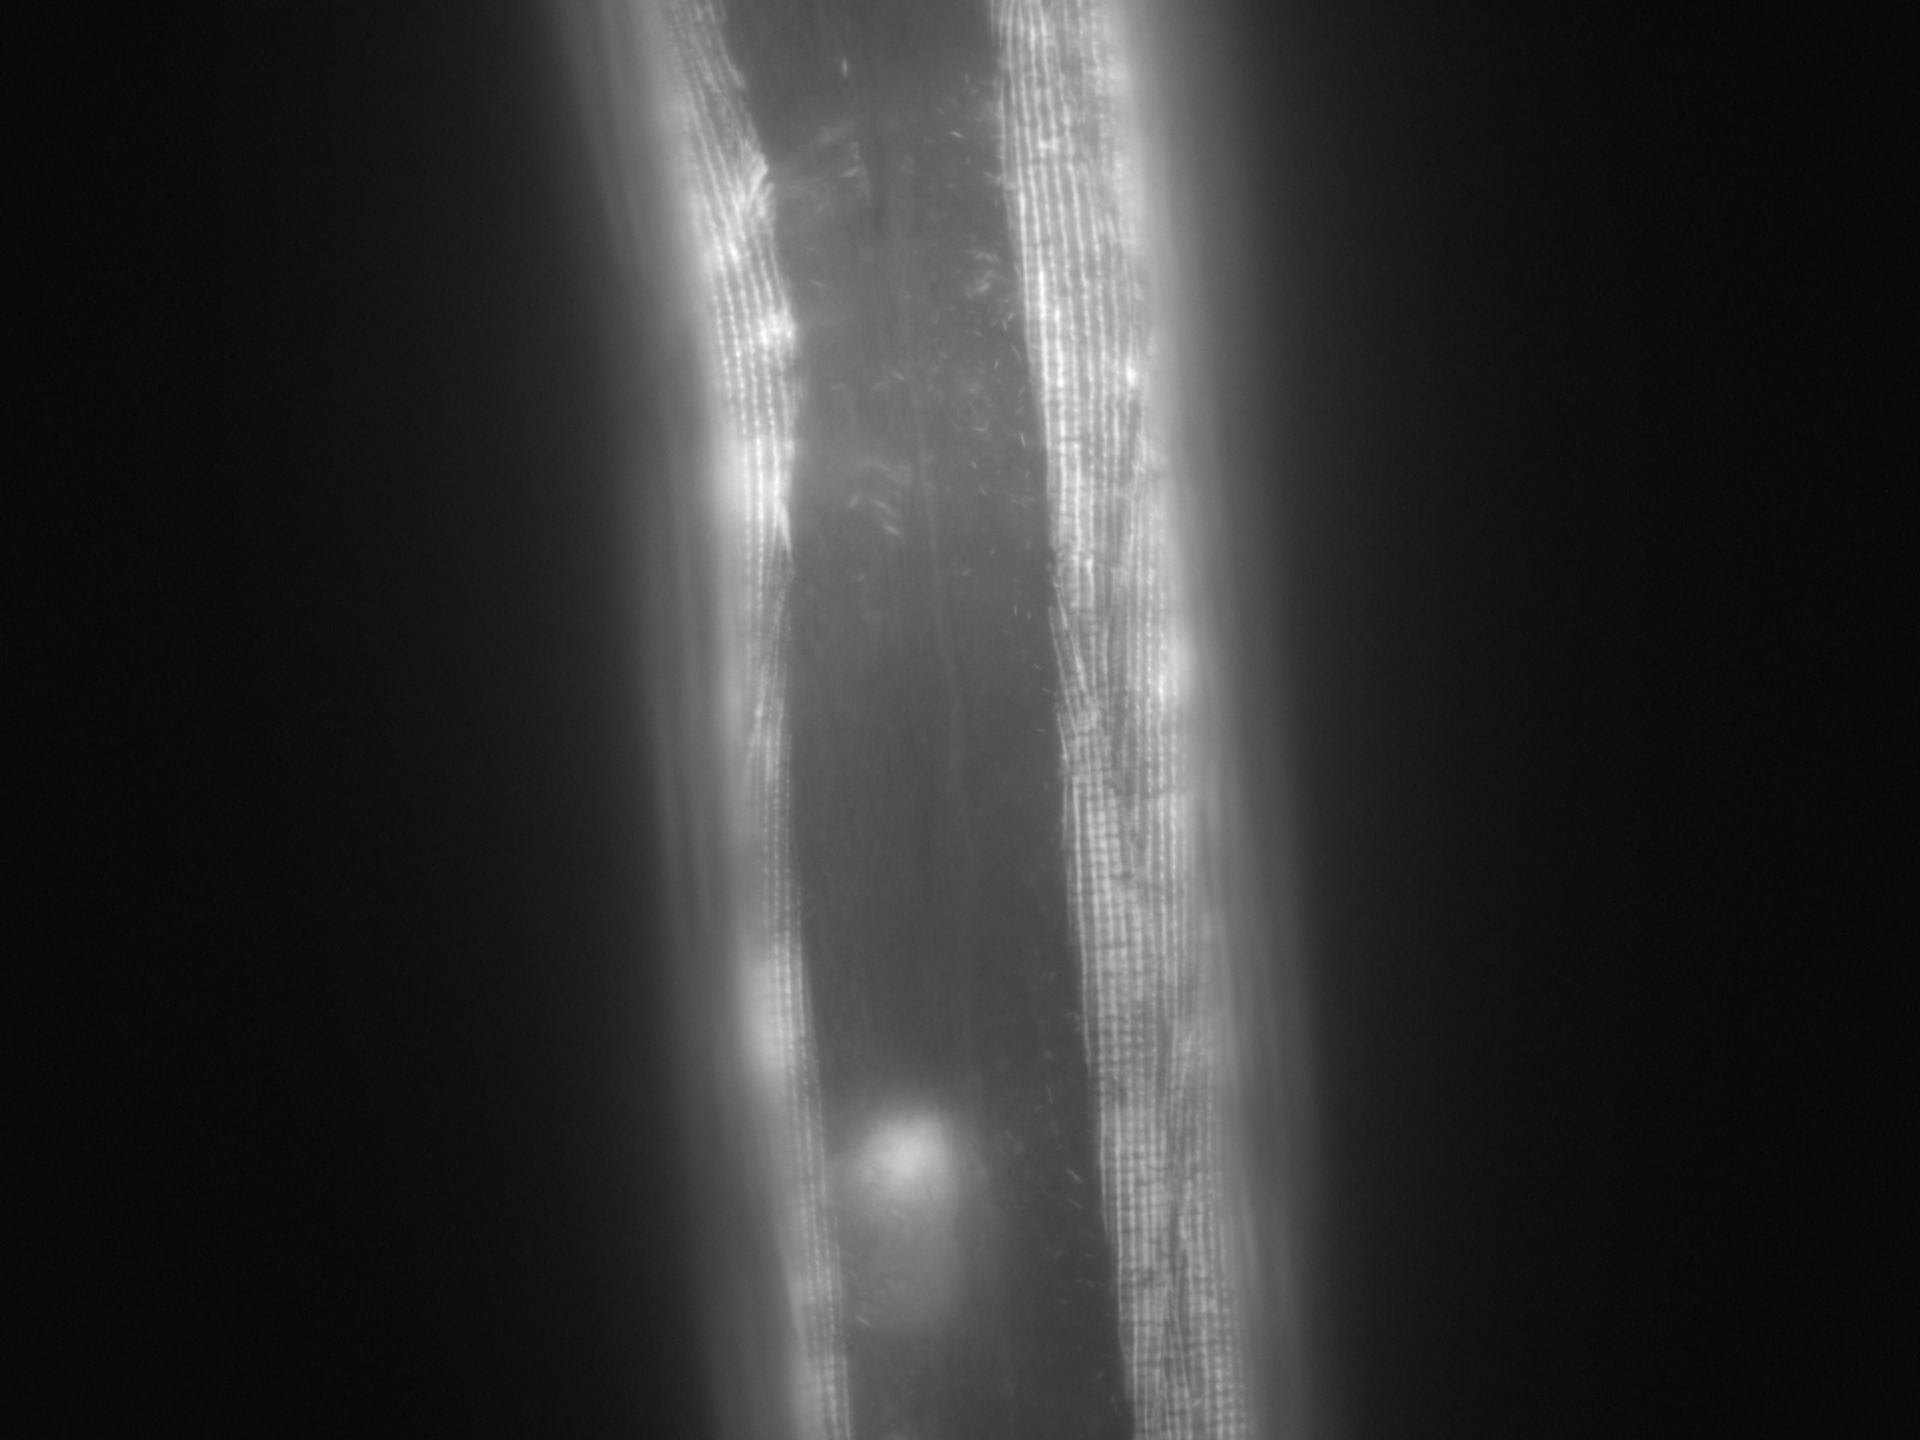 Caenorhabditis elegans (Actin filament) - CIL:1006